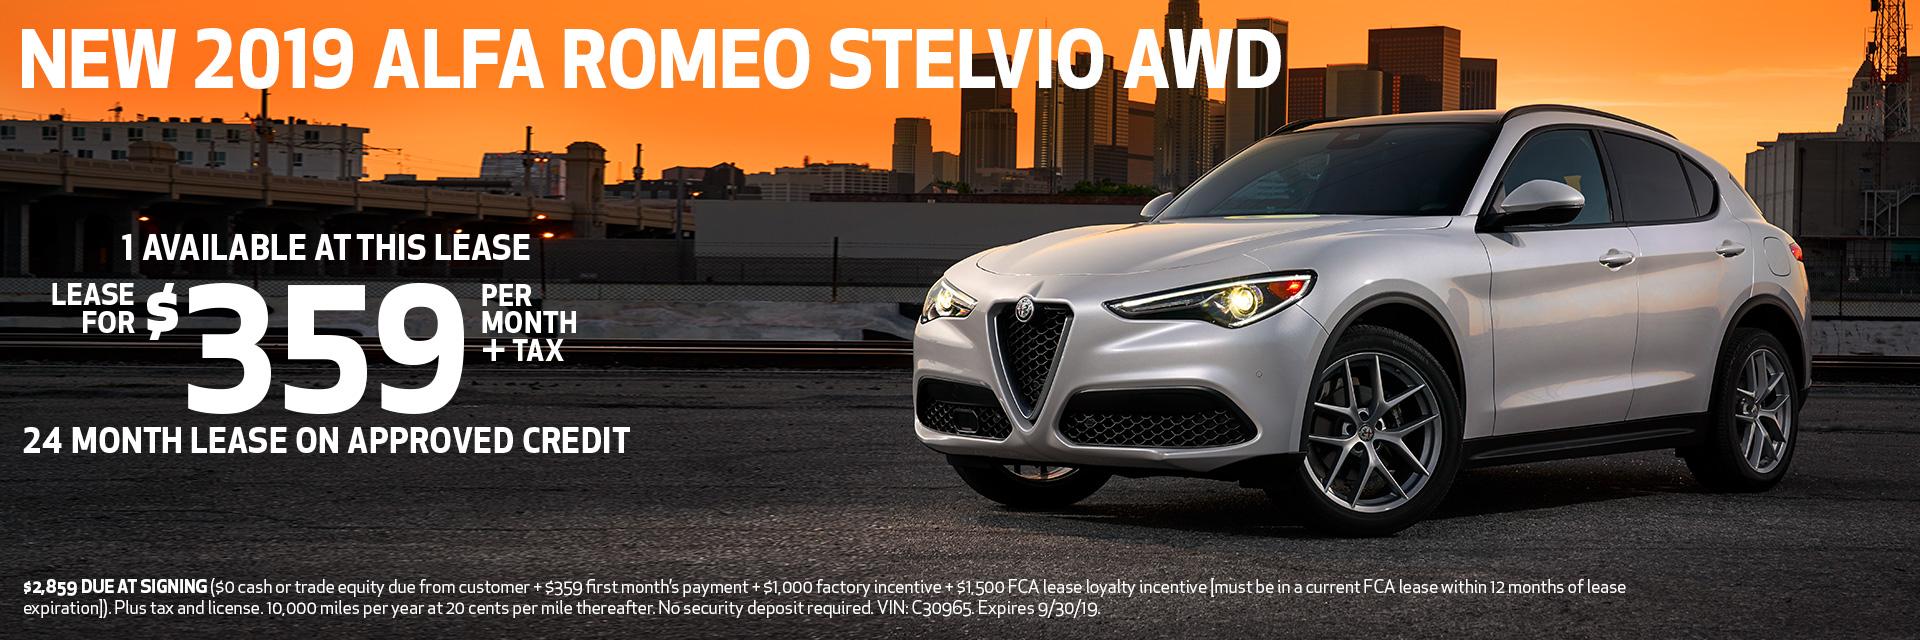 NEW 2019 ALFA ROMEO STELVIO AWD